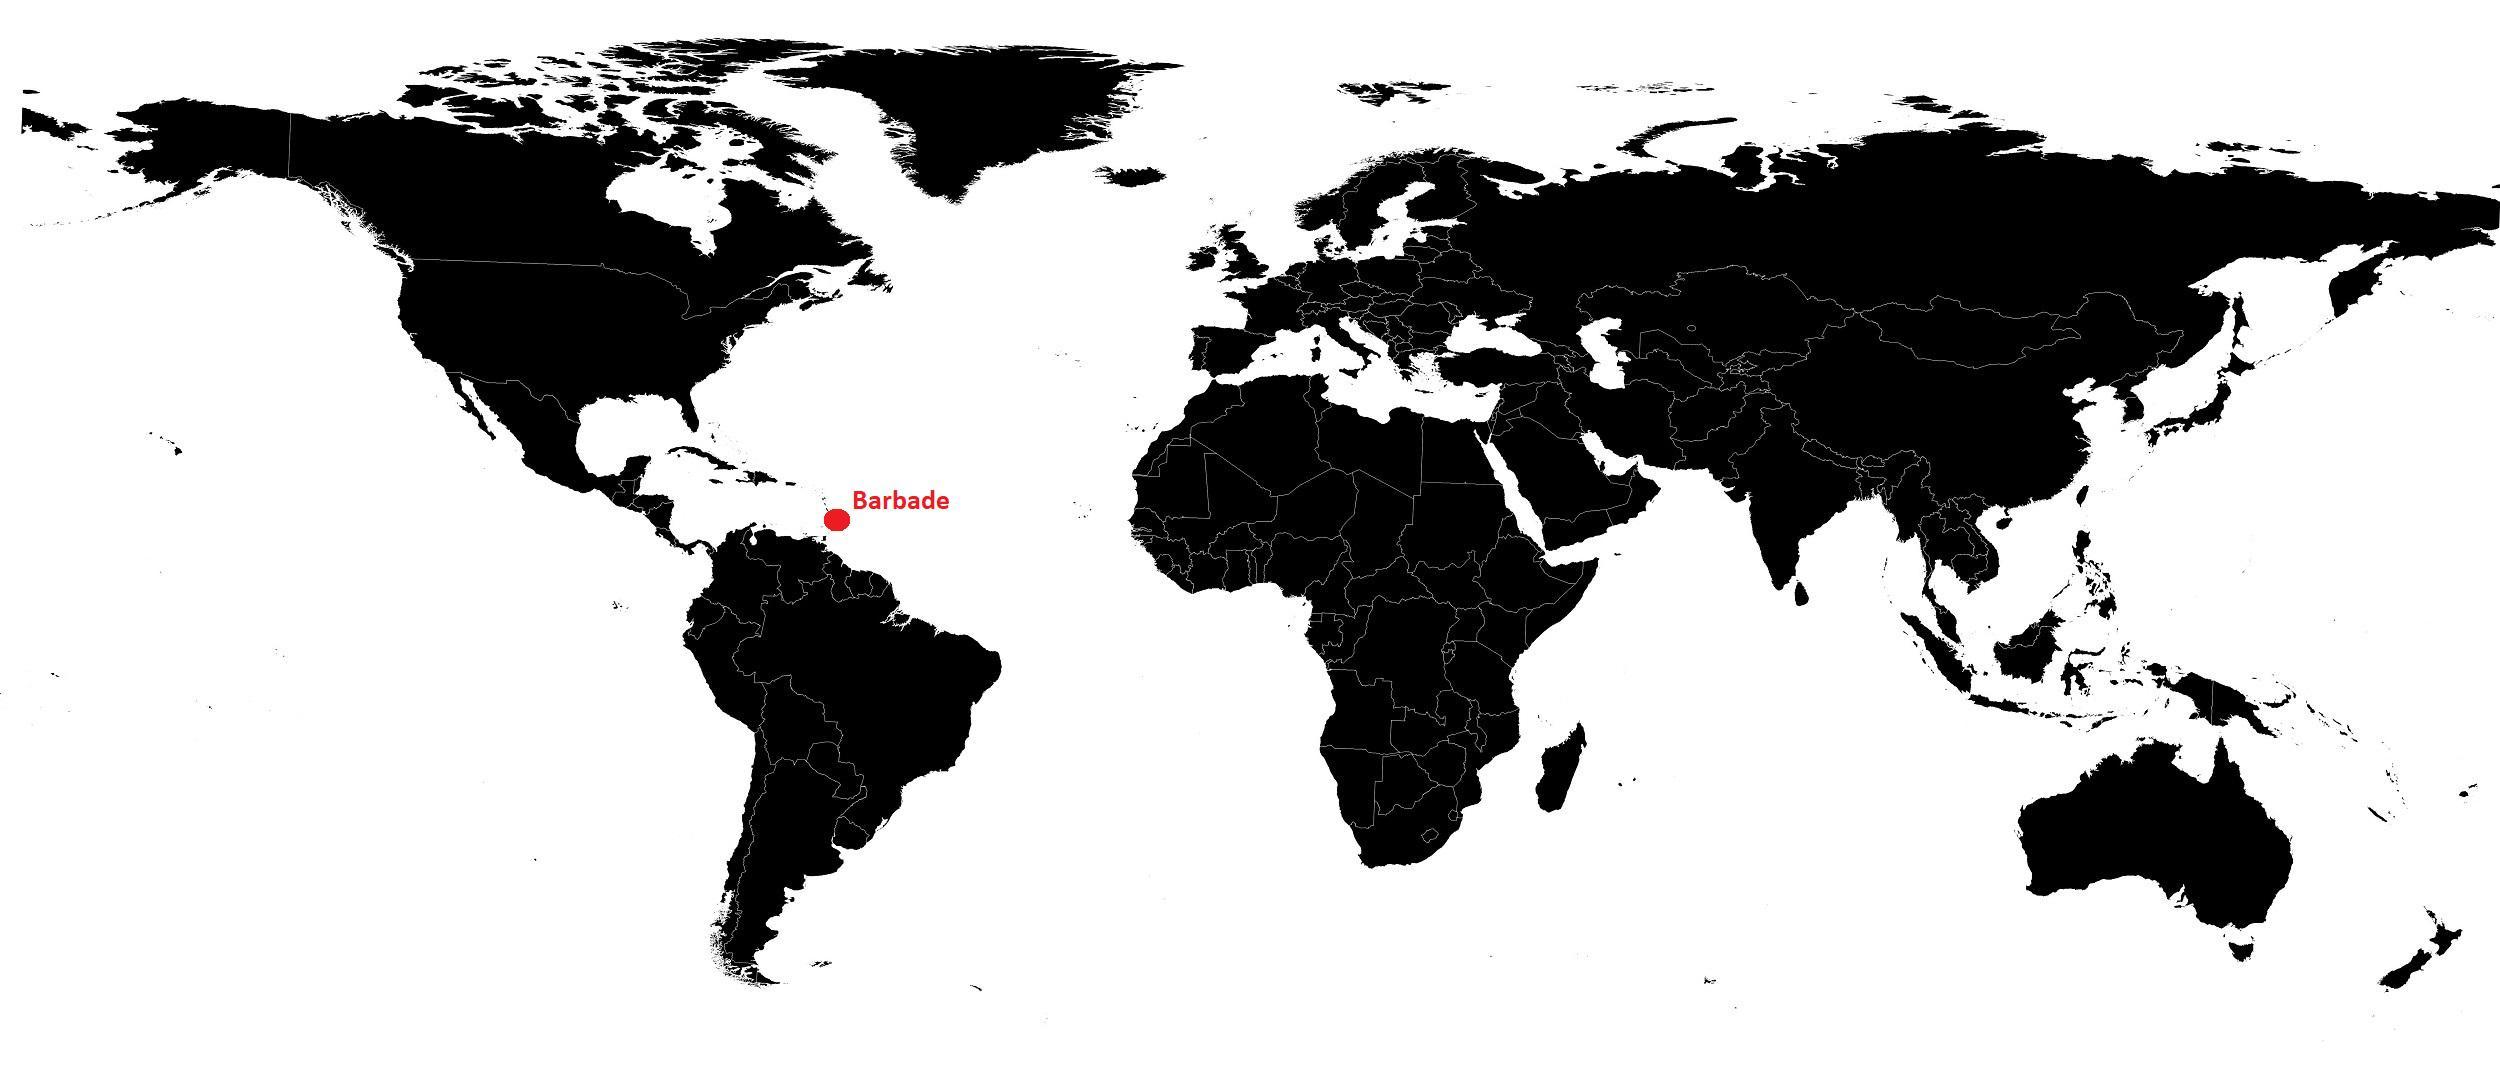 Barbade sur une carte du monde